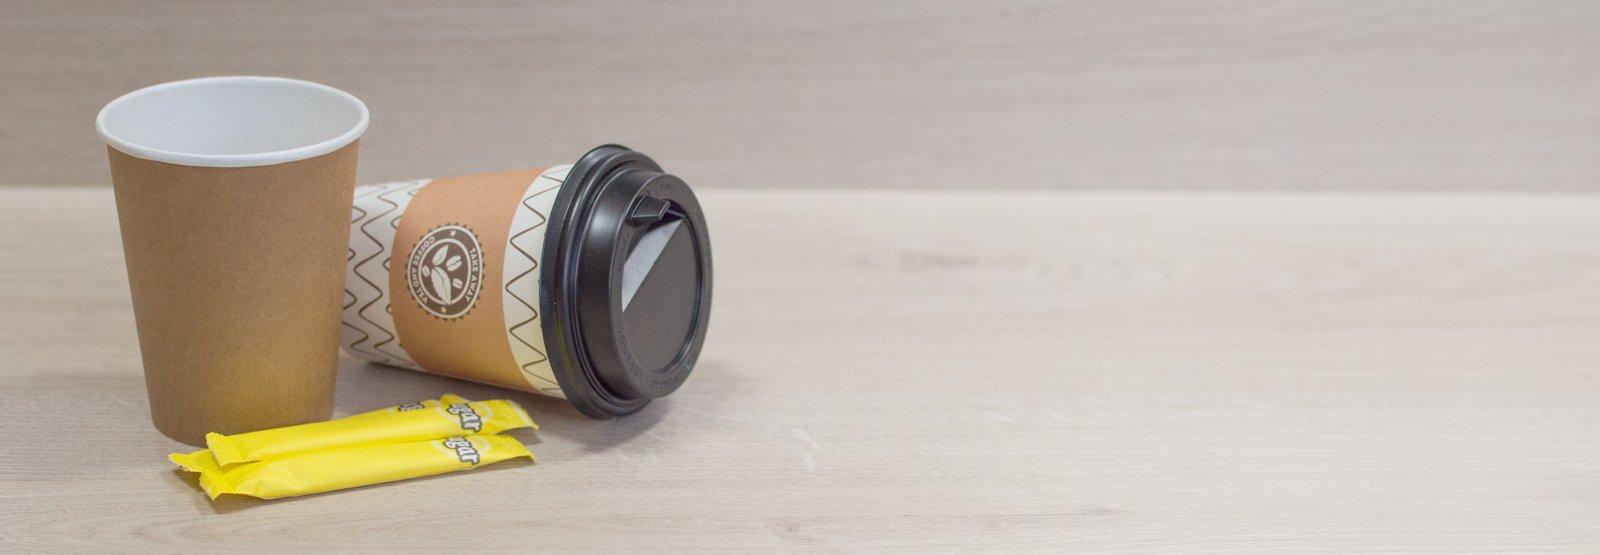 Бумажные стаканчики с логотипом в Украине Сравнить цены